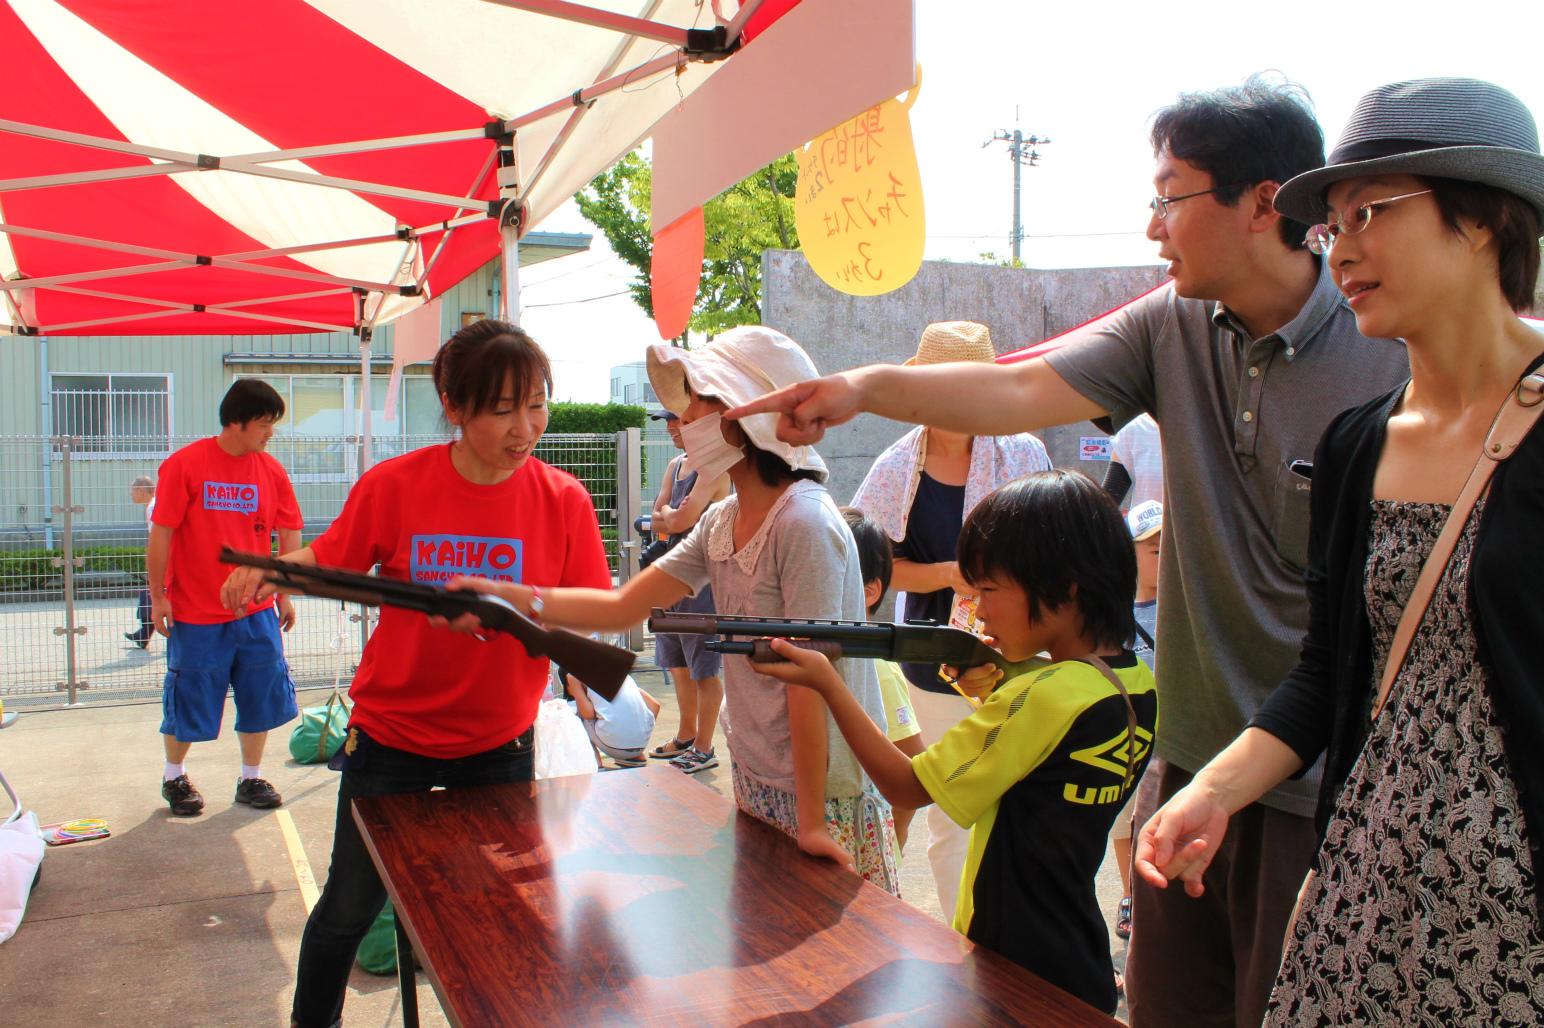 http://www.kaiho.co.jp/jp/news/img/sIMG_0222.jpg